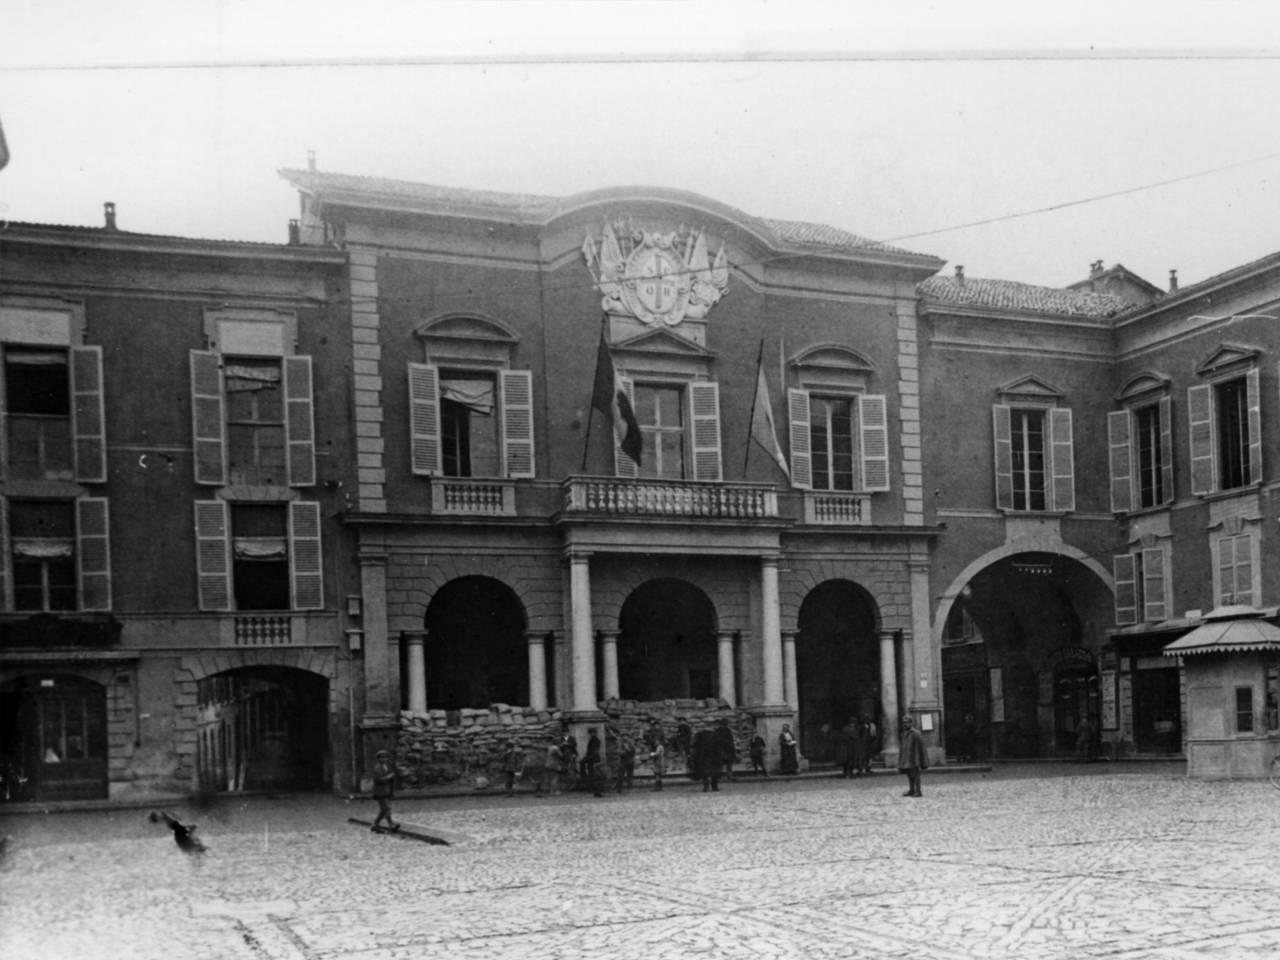 Portici del municipio con i sacchi di sabbia per la difesa antiaerea fototeca biblioteca panizzi, foto roberto sevardi - reggio emilia 1918